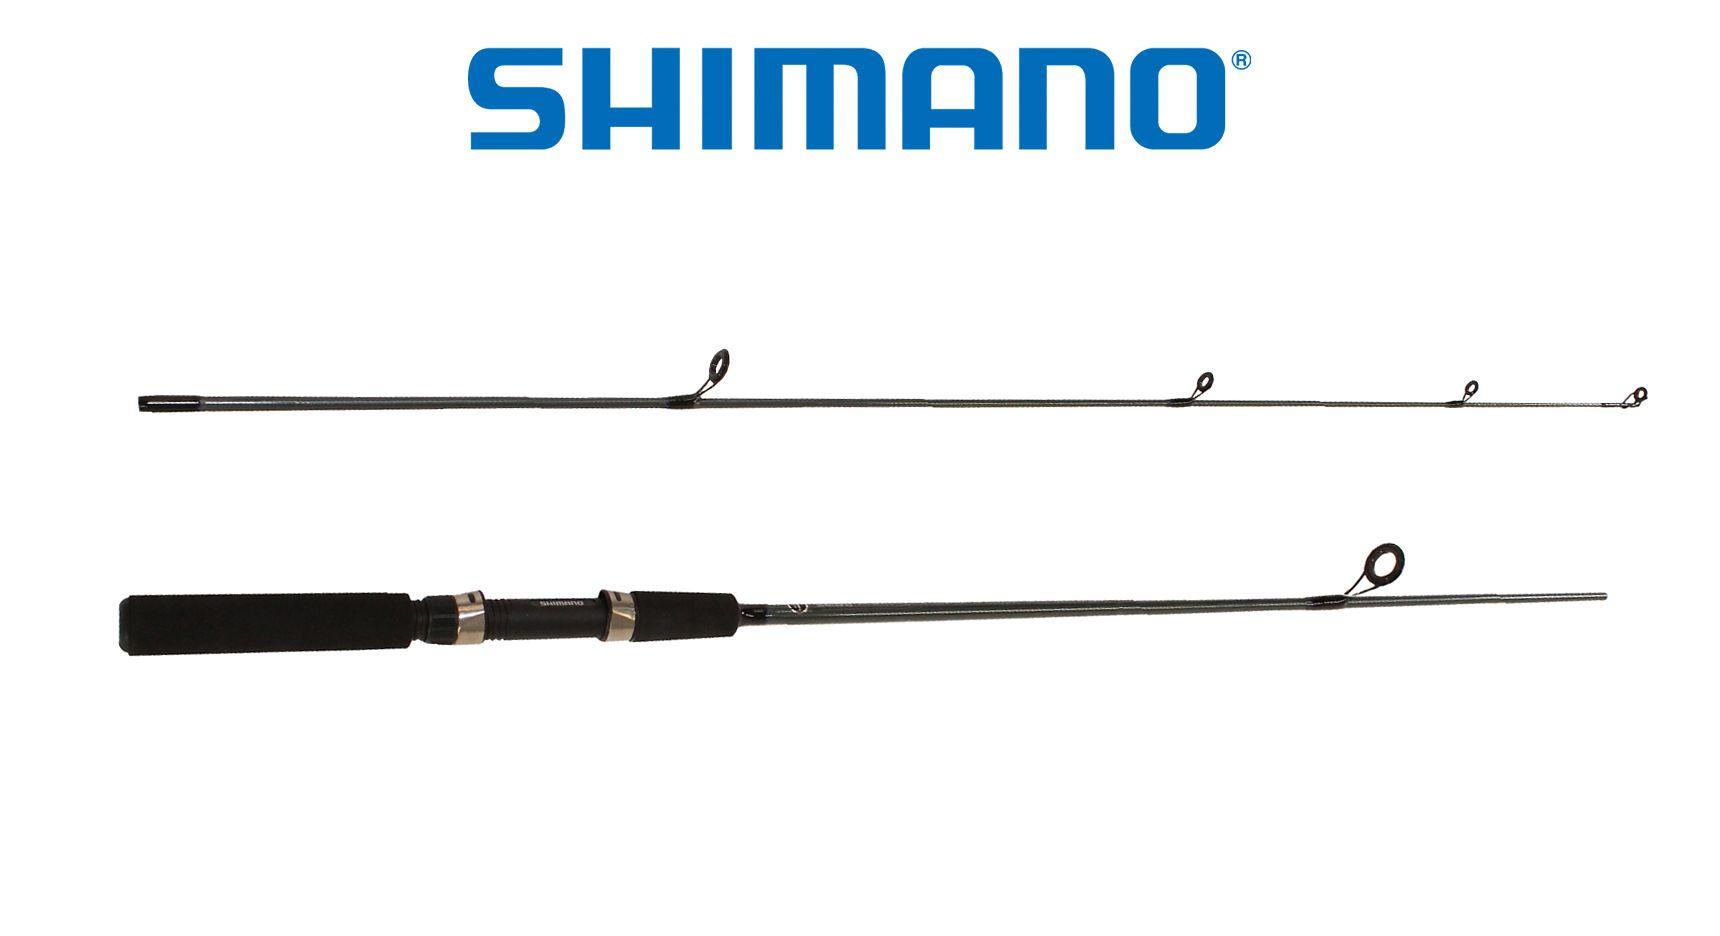 Vara Para Molinete Shimano Fx 6 6 (1,98M) 8-17lbs FXS66MHB2 - 2 Partes  - Life Pesca - Sua loja de Pesca, Camping e Lazer